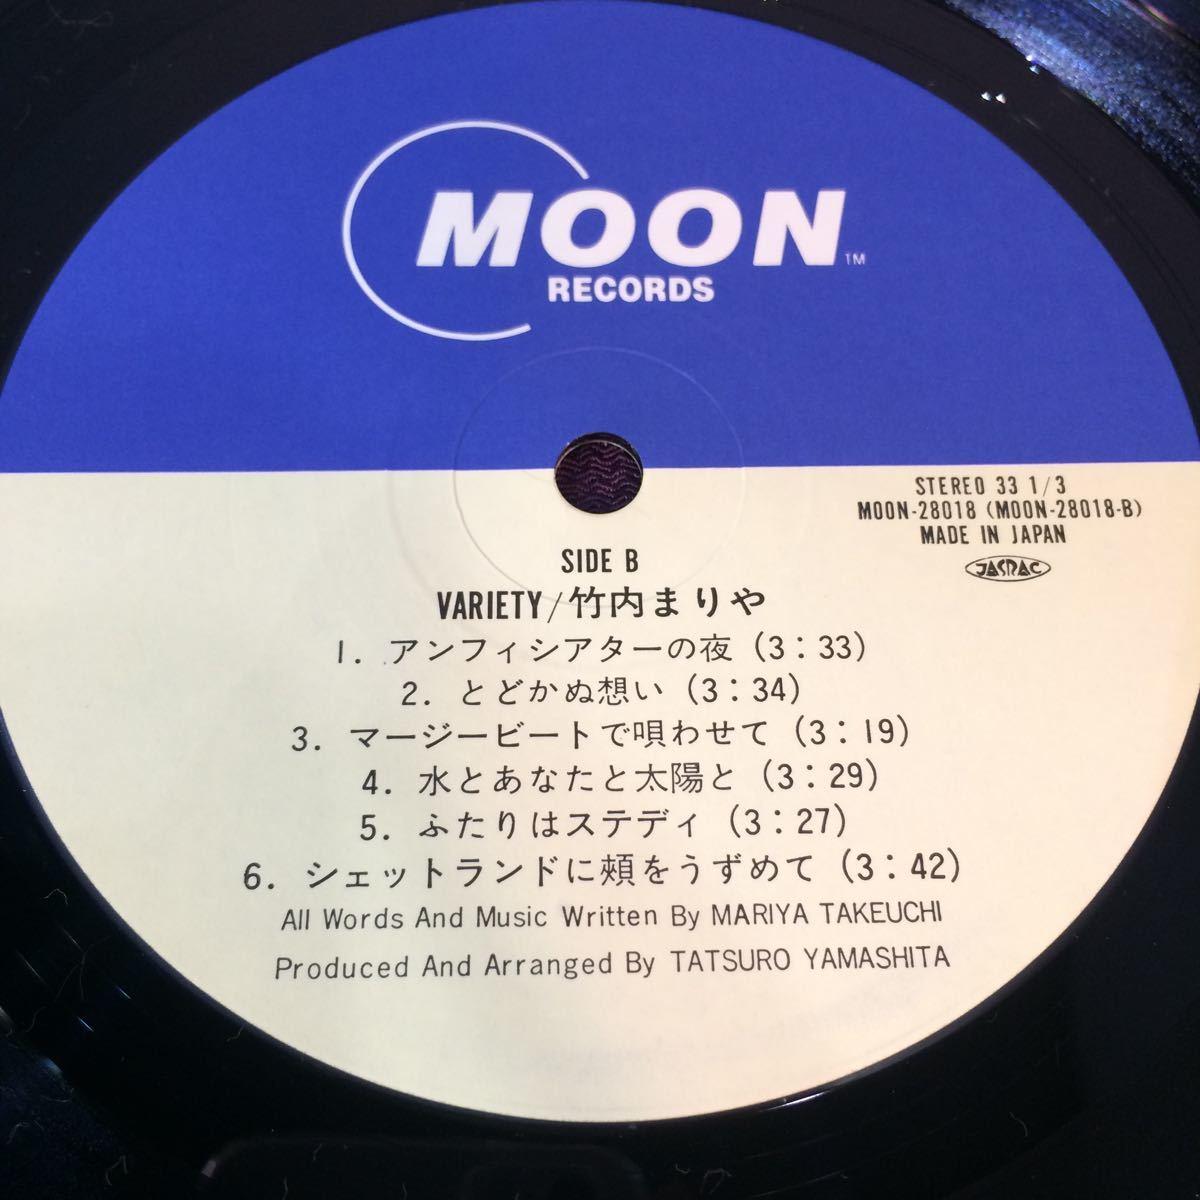 ★☆竹内まりや ヴァラエティ LPレコード MOON-28018 帯あり☆★_画像6